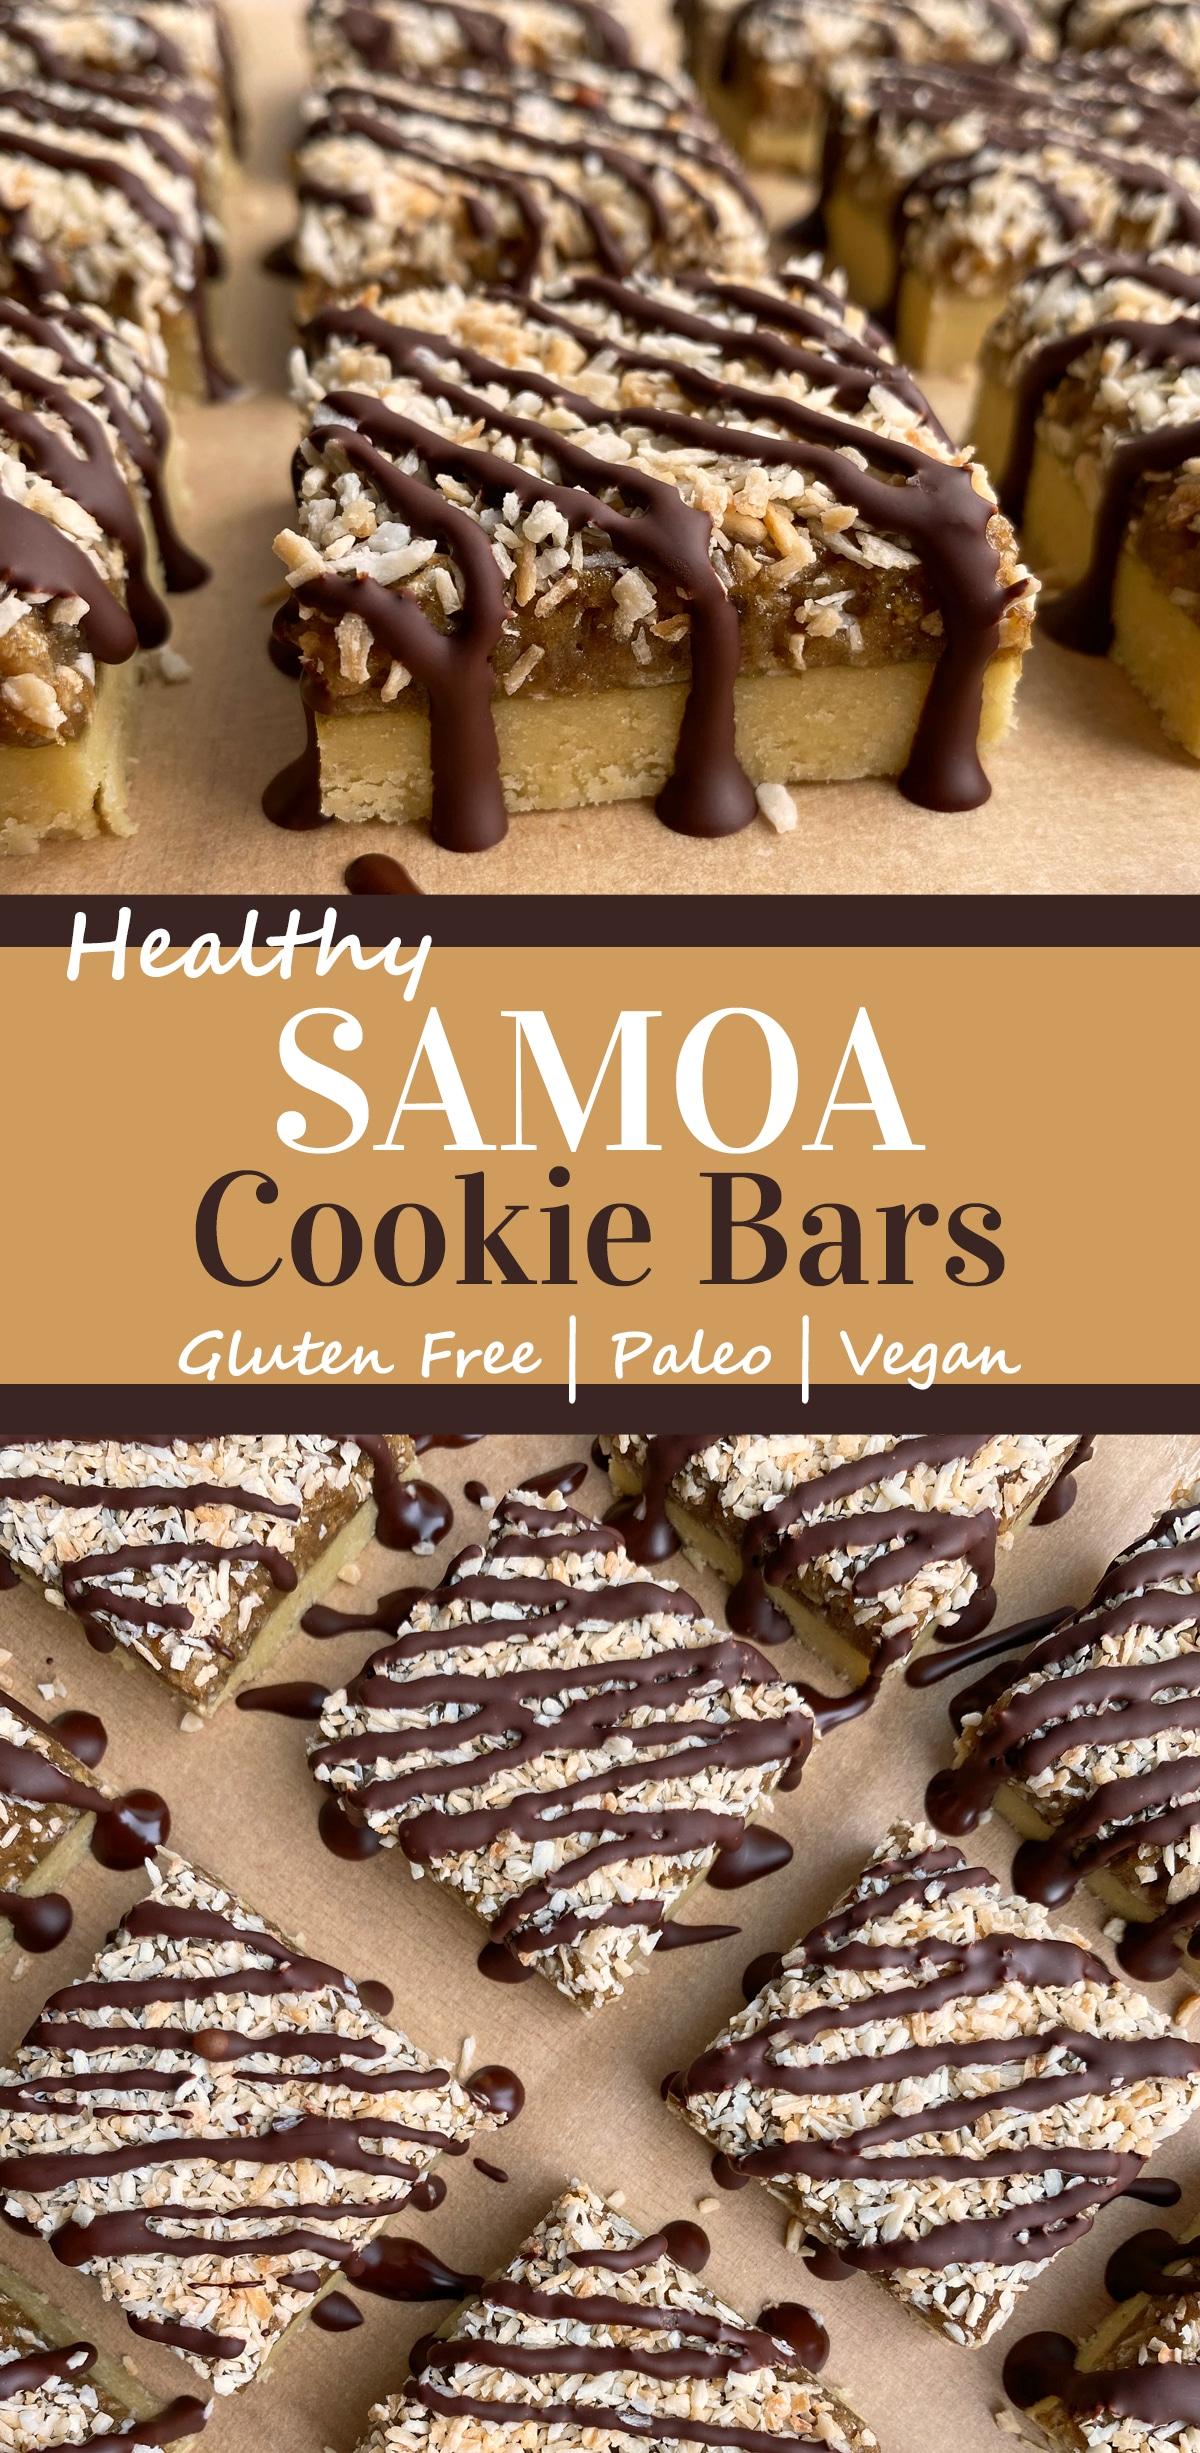 Healthy-Samoa-Cookie-Bars-Paleo-and-Vegan